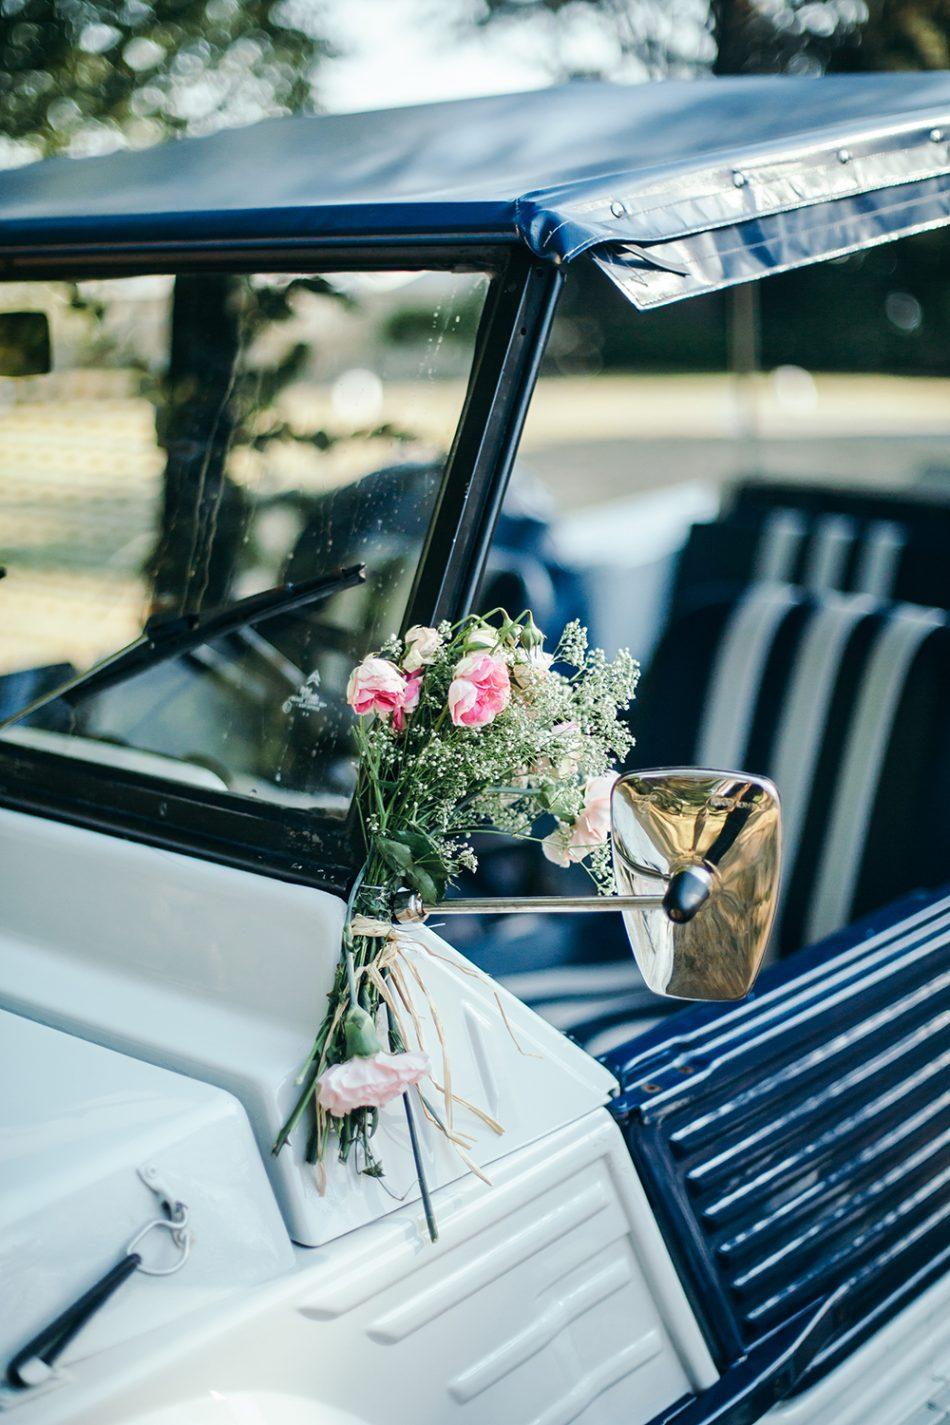 an-lalemant-photographe-mariage-clemence-et-jean-235